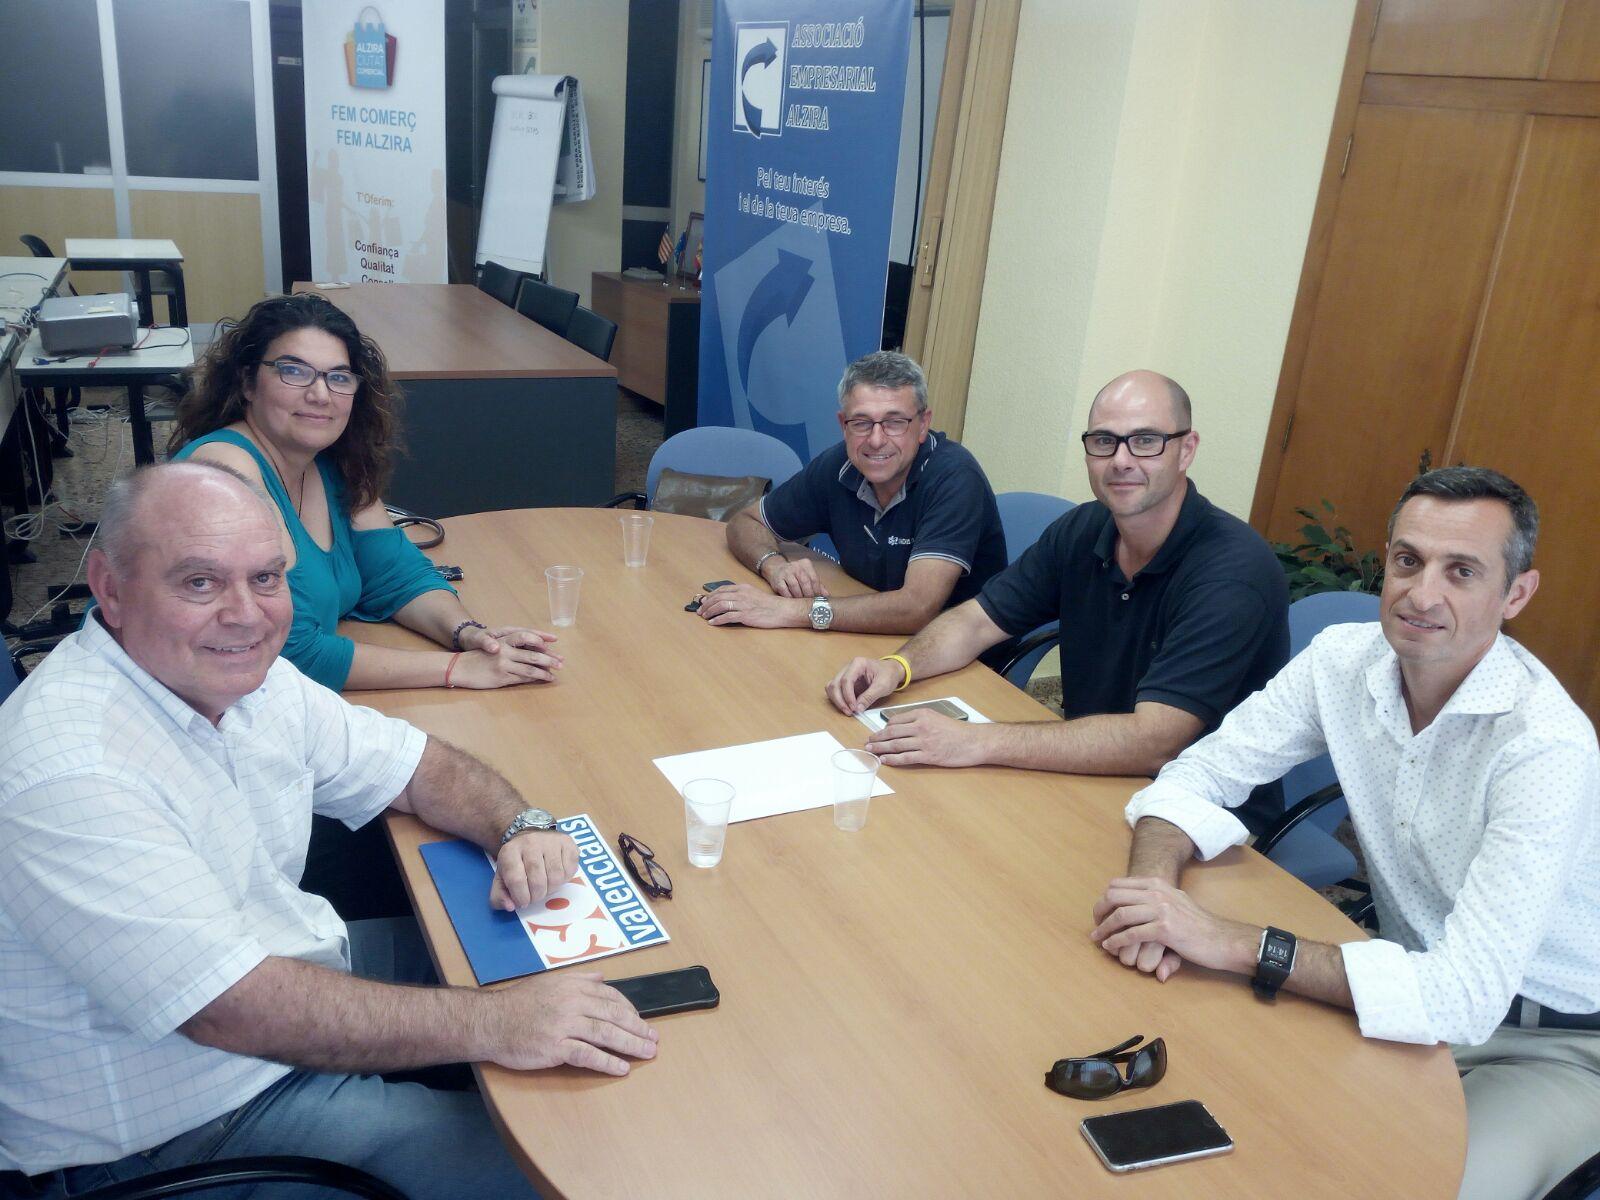 Responsables de la formación política Som Valencians en la reunión con la Associació Empresarial d´Alzira.